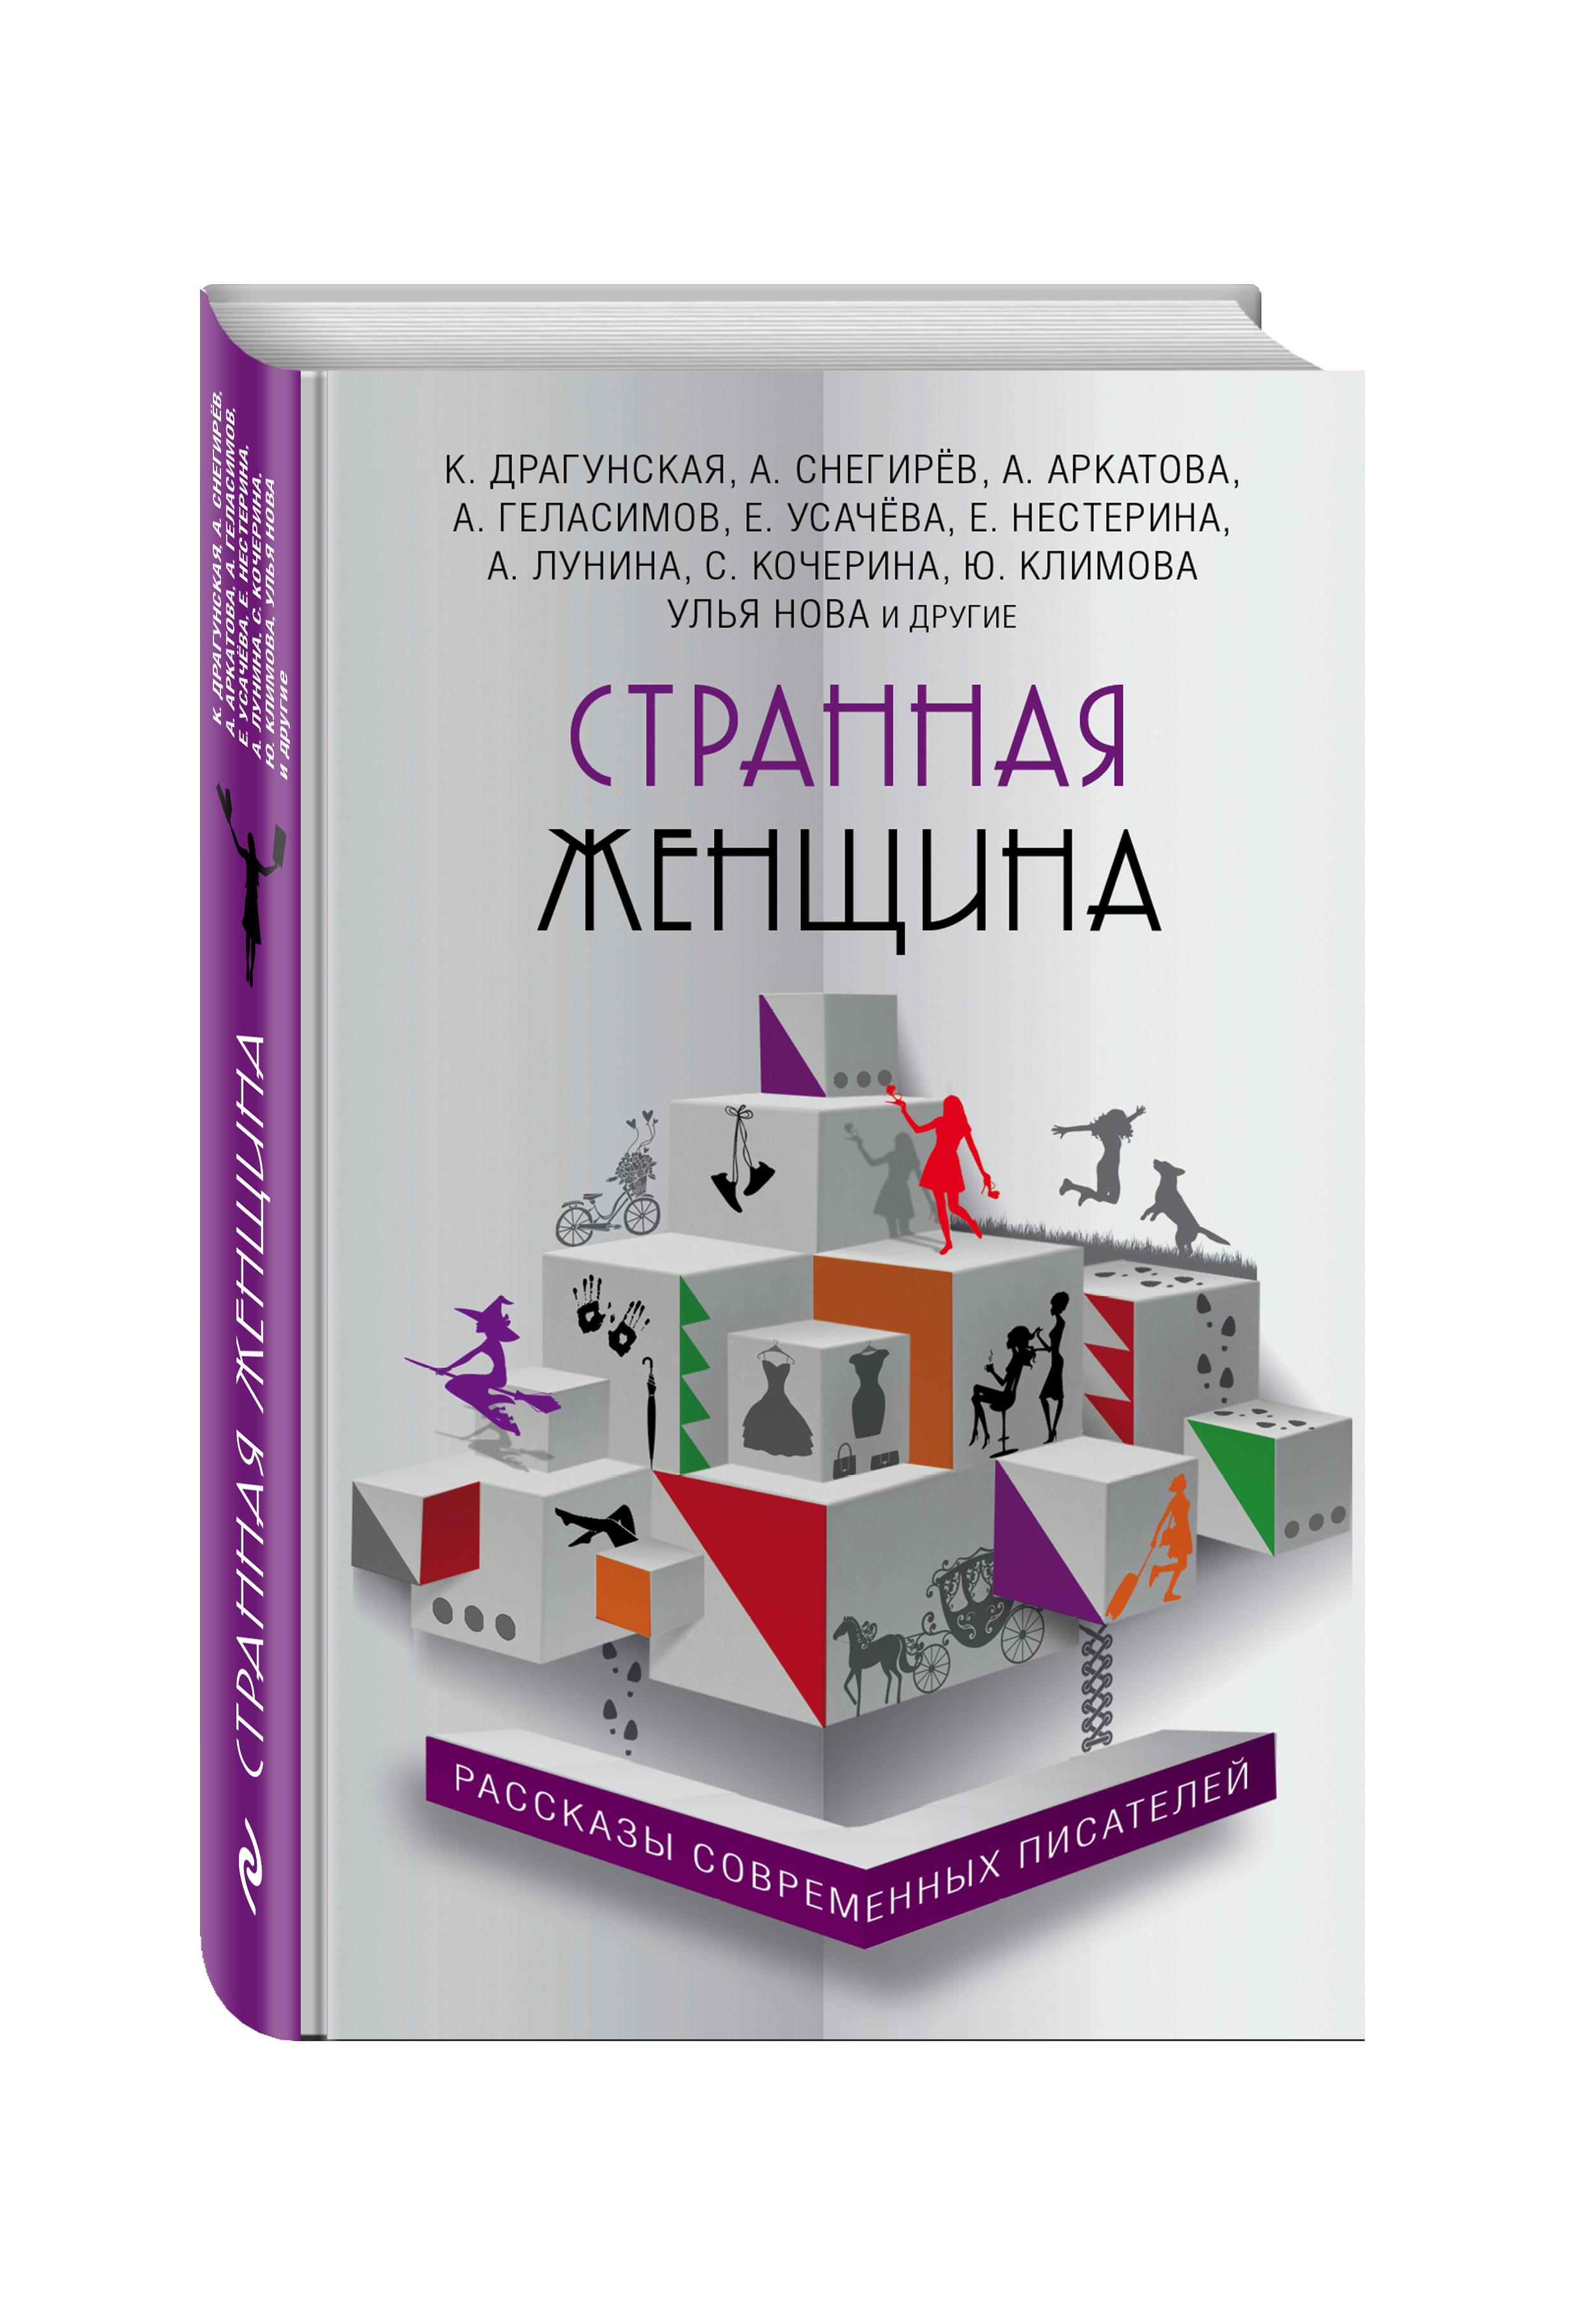 Геласимов А., Снегирёв А., Воронова М. и др. Странная женщина